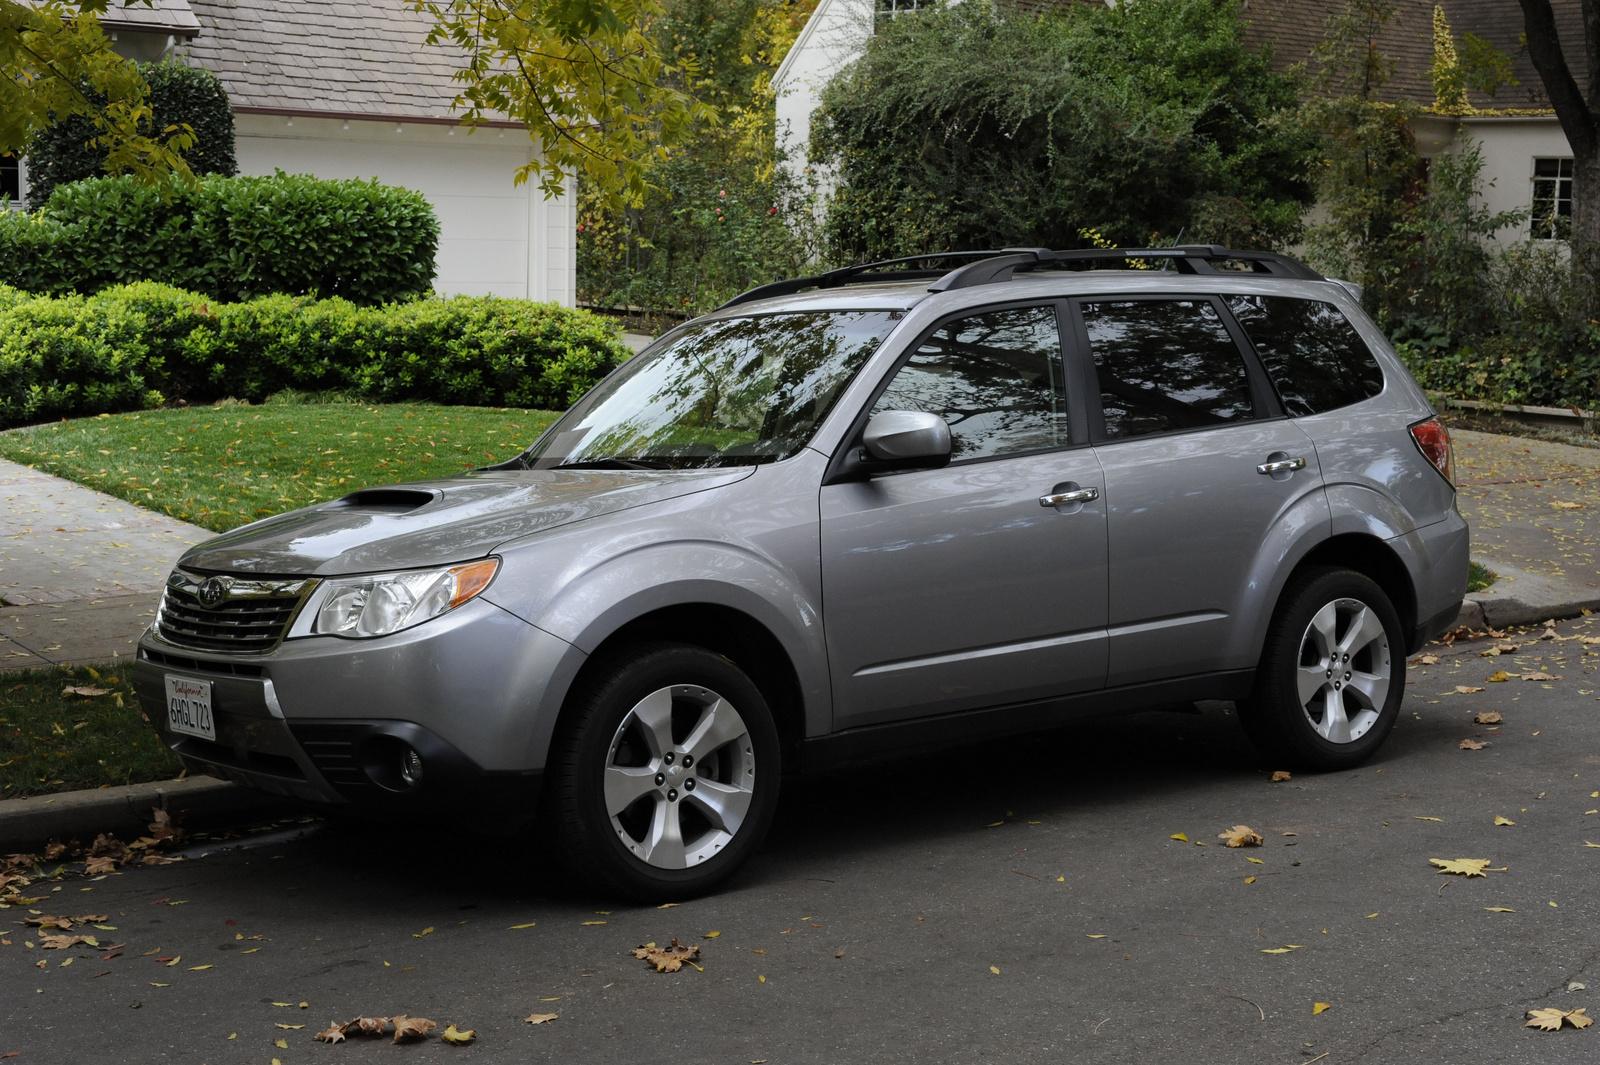 2009 Subaru Forester Pictures Cargurus